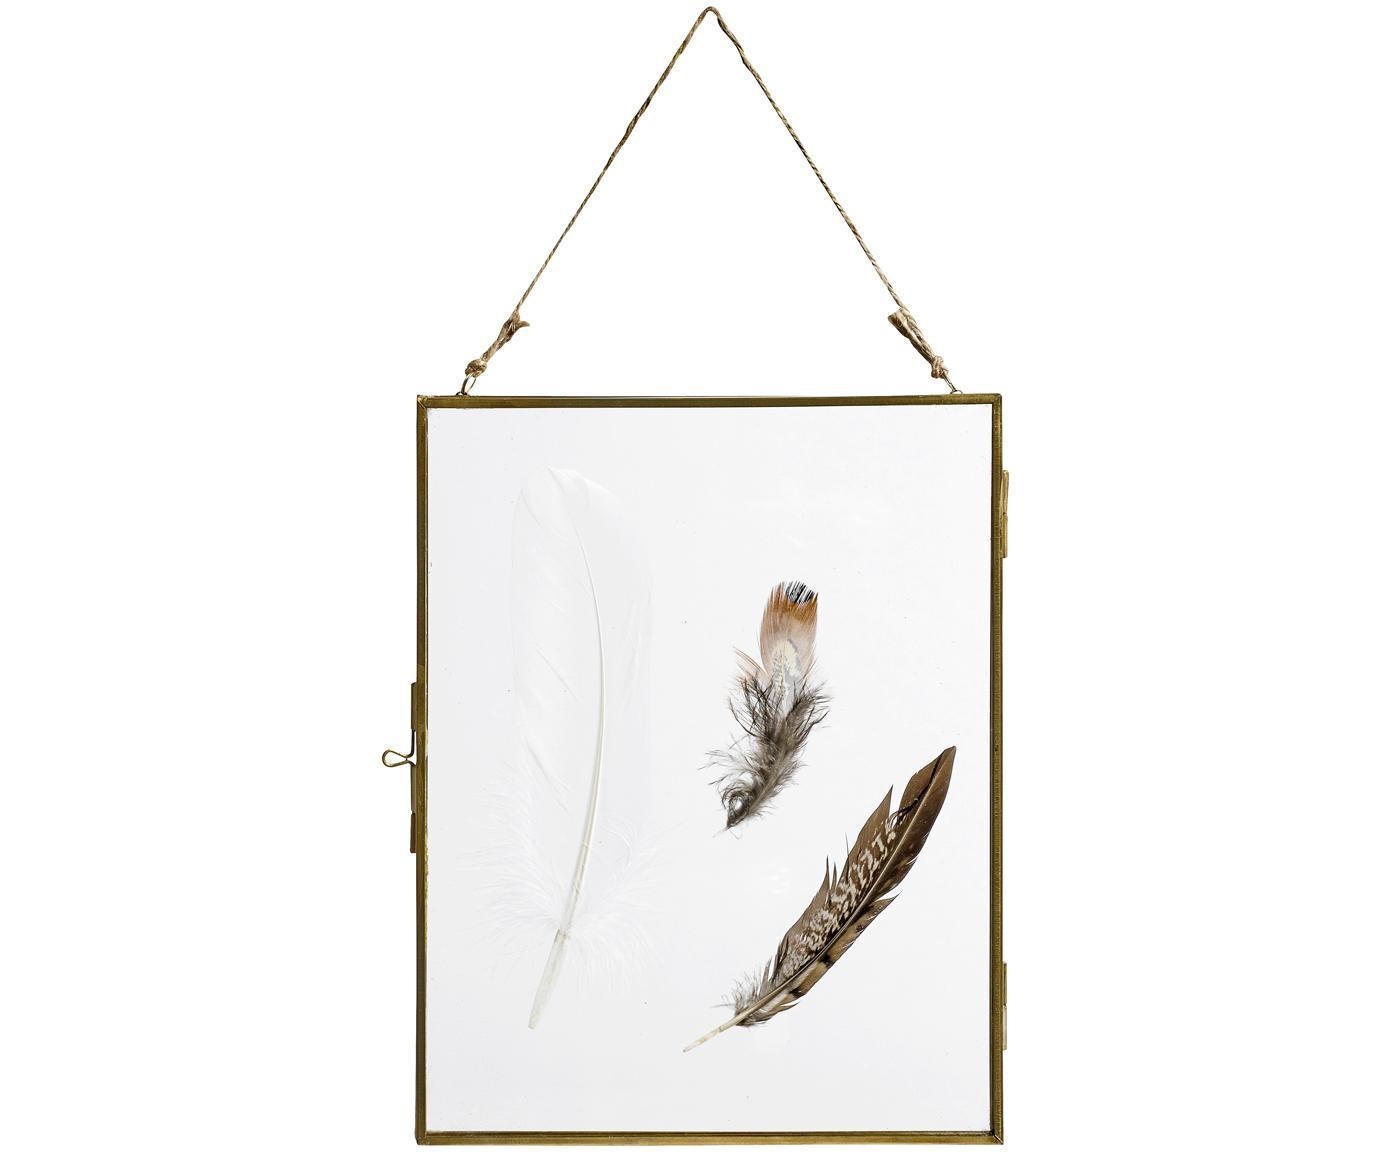 Bilderrahmen Pioros mit Federn, Rahmen: Metall, beschichtet, Front: Glas, Messingfarben, Transparent, 20 x 25 cm